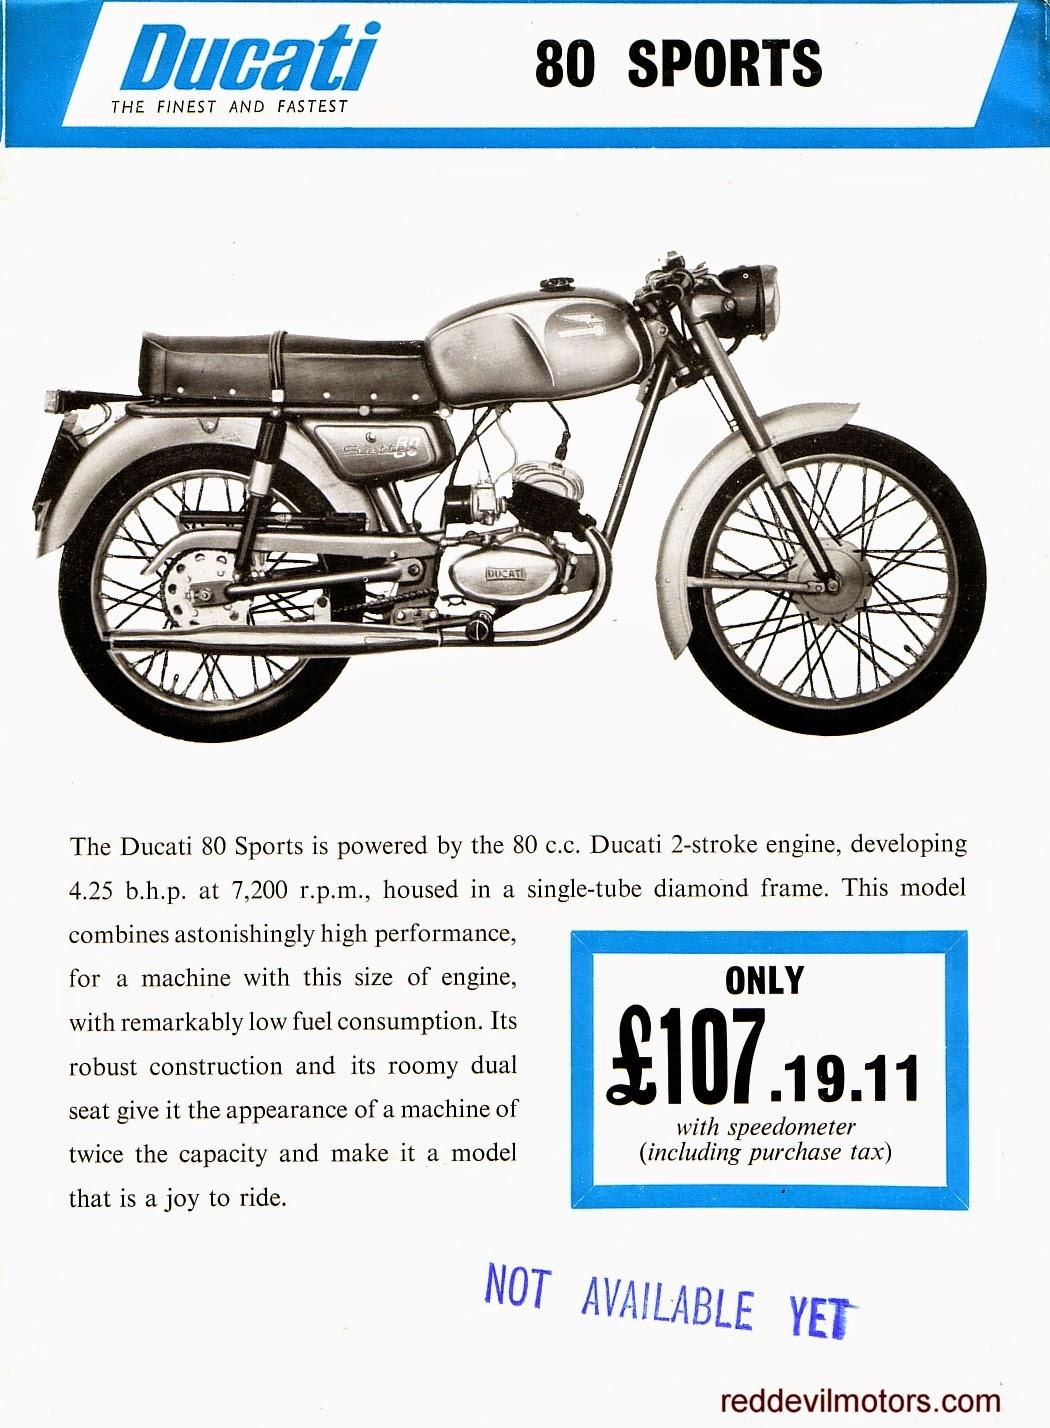 Ducati 80cc Sports model